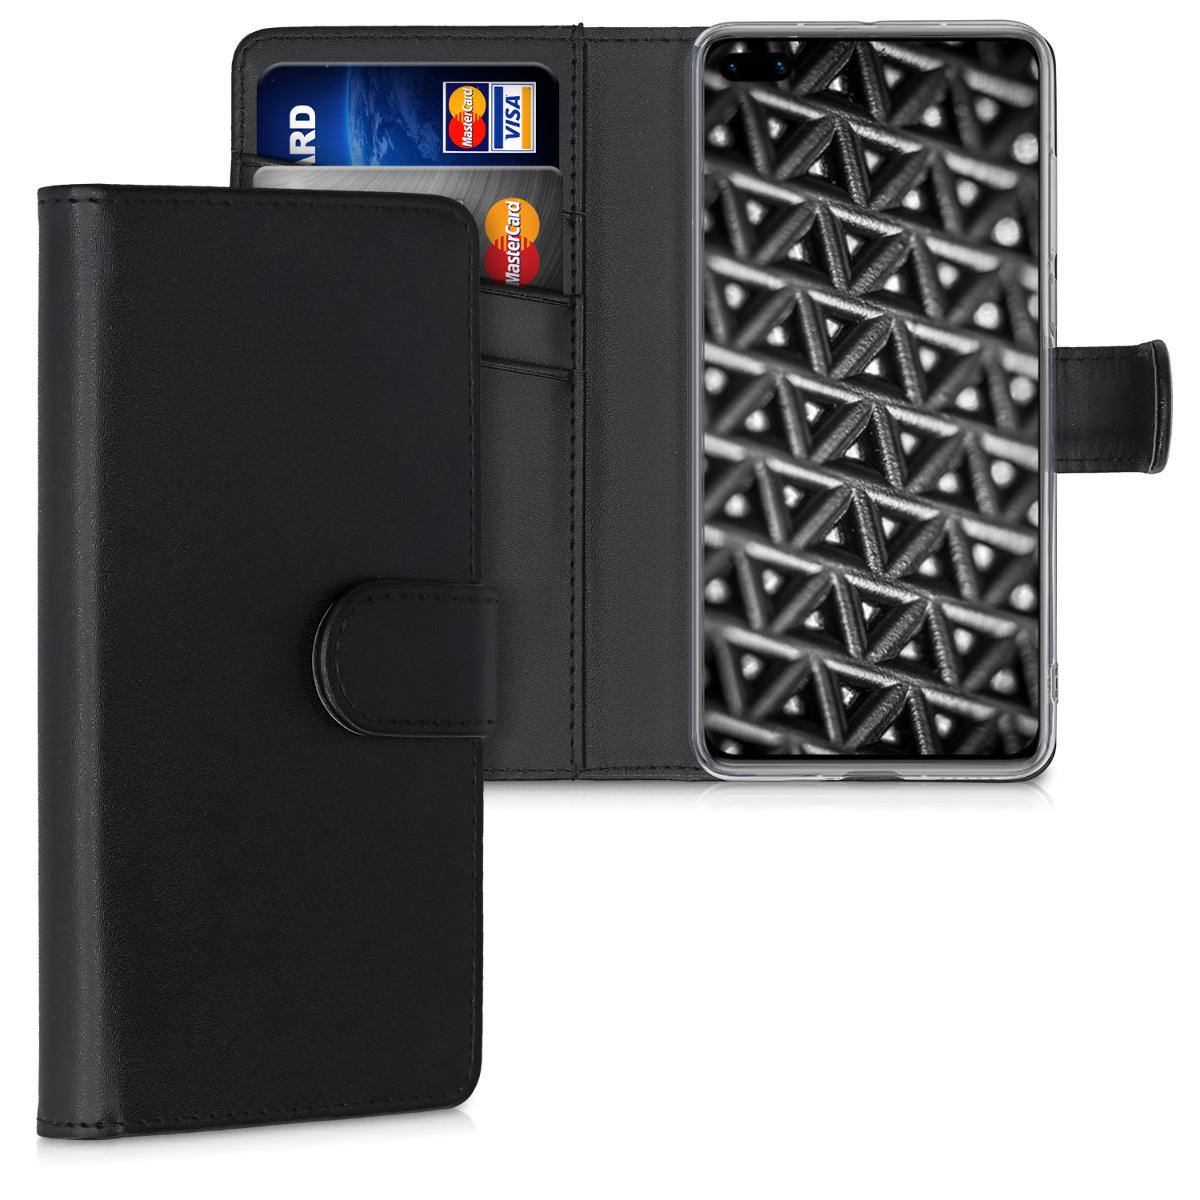 Černé kožené pouzdro / obal jako peněženka pro Huawei P40